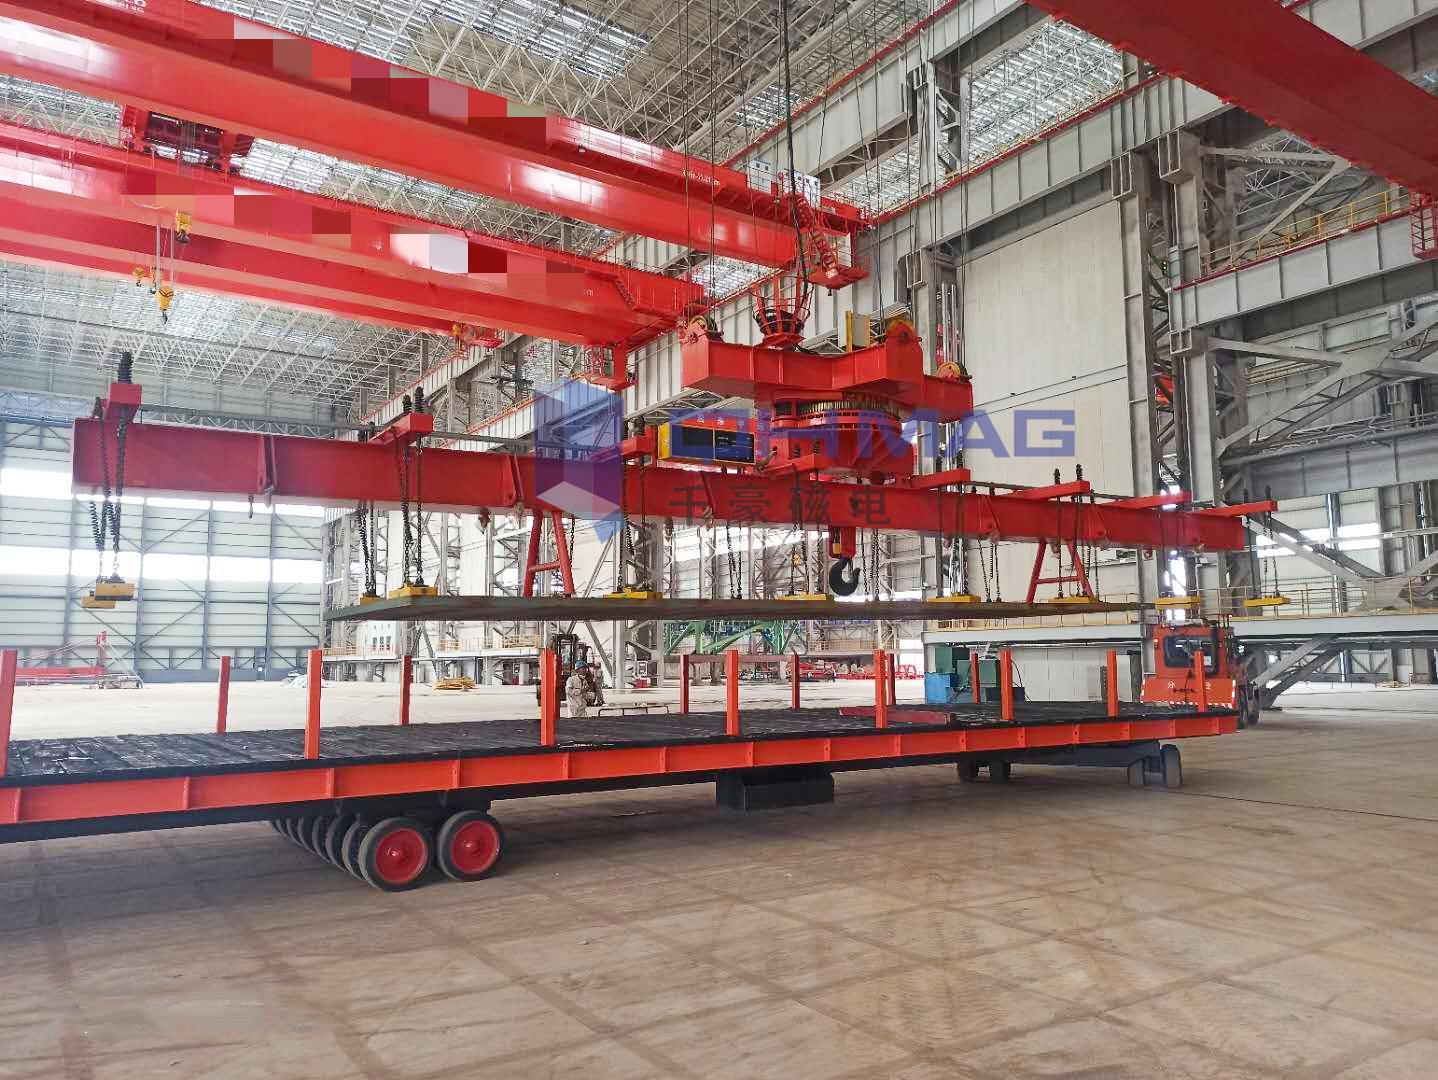 磁力吊具,吊运板坯用起重电永磁铁